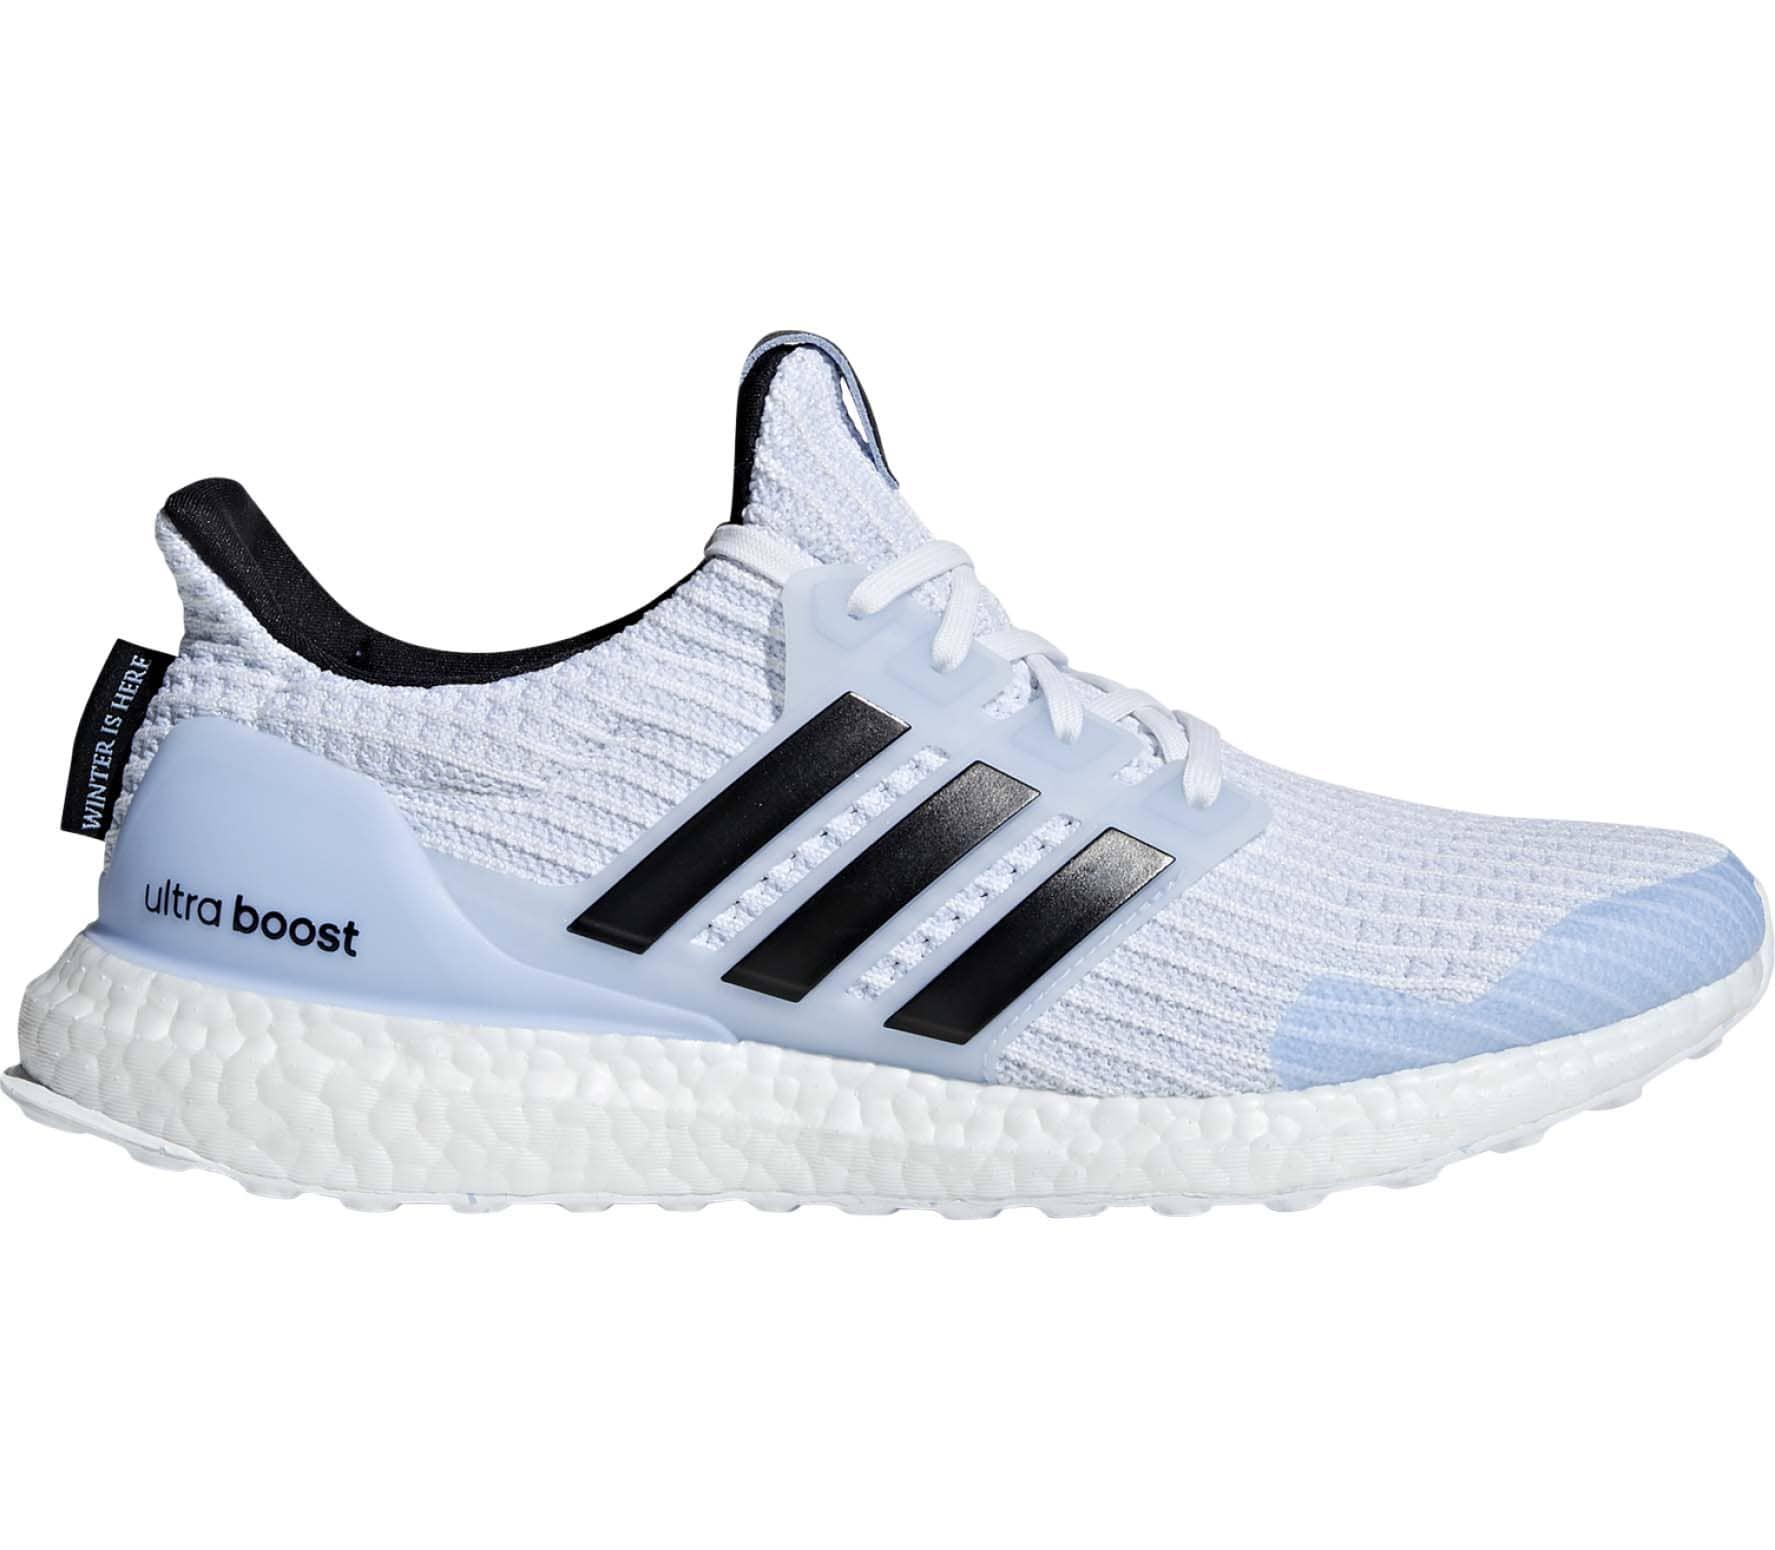 Adidas Ultra Boost Herren Kaufen Sie adidas Schuhe für